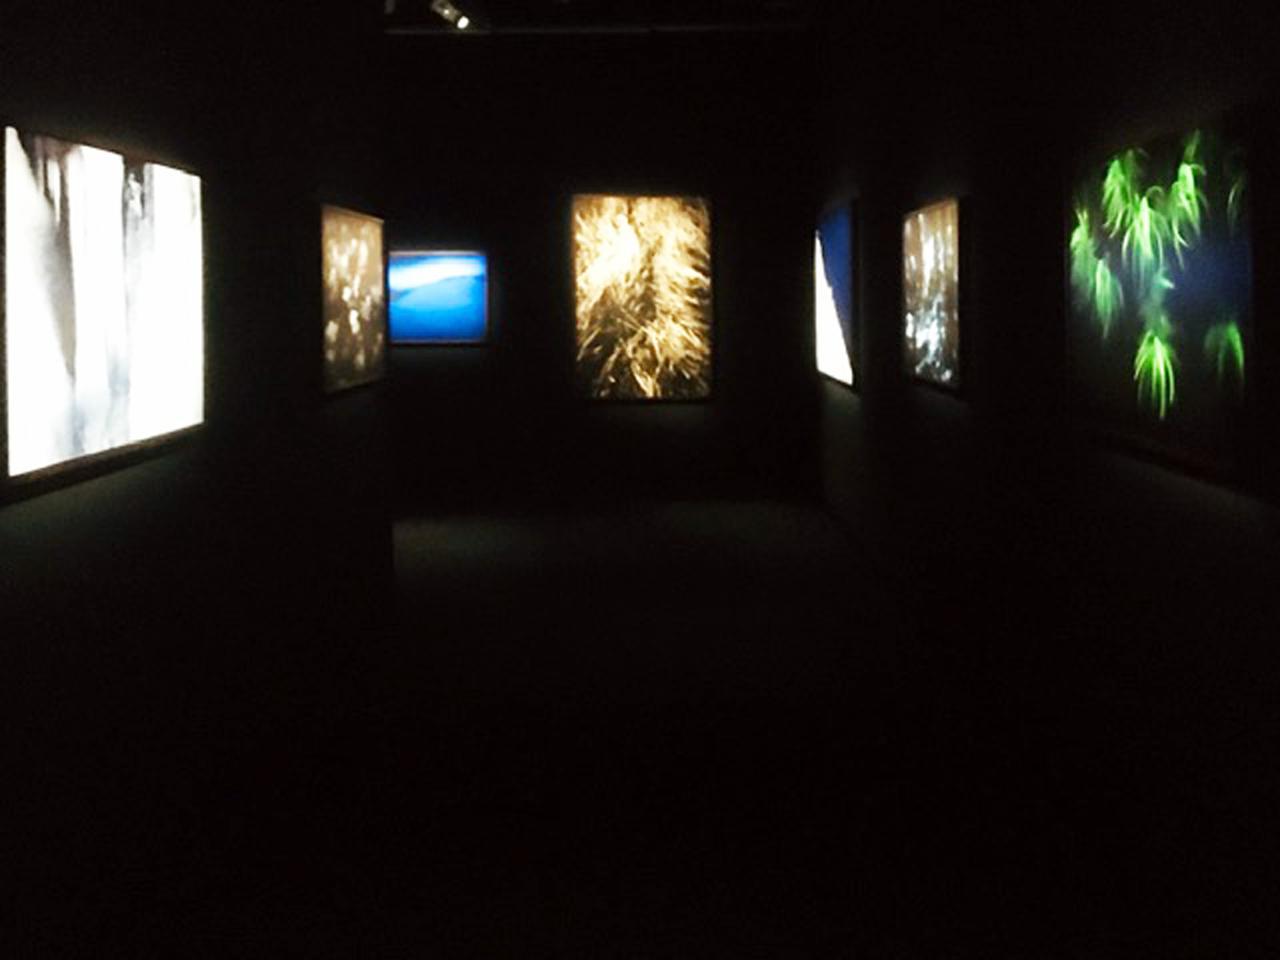 画像1: 中西敏貴写真展『Kamuy』。北海道美瑛町で大自然と向き合いながら、アイヌの人々の自然観に人と自然との関わりの答えを探し求めてきた中西氏。